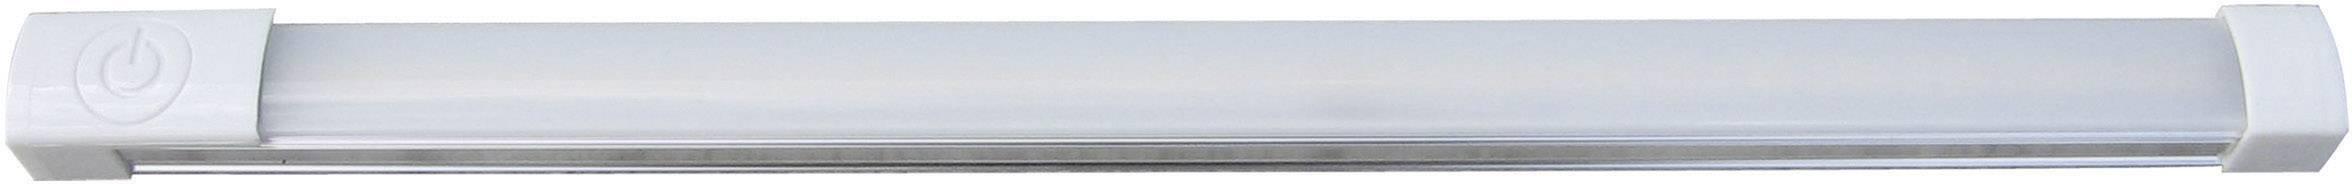 LED podhľadové svetlo DioDor Diodor lichtbalk DIO-TL25-FW, 3.5 W, 25 cm, chladná biela, biela